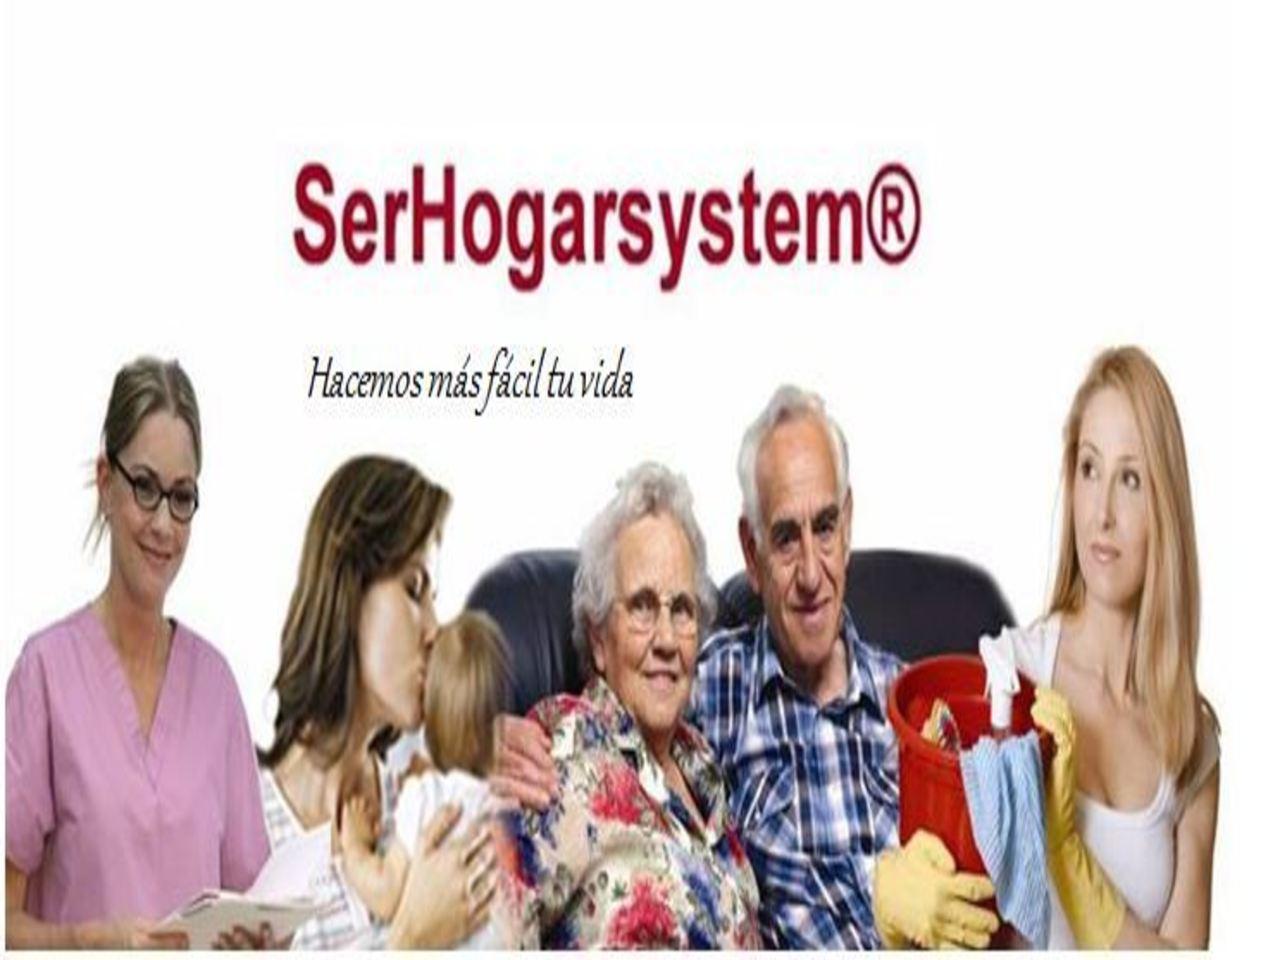 SERHOGARSYSTEM: AYUDA PARA MAYORES EN CÁCERES, SERVICIO DOMESTICO EN CÁCERES, AYUDA A DOMICILIO 24H EN CÁCERES, SERVCIO DE LIMPIEZA EN CÁCERES